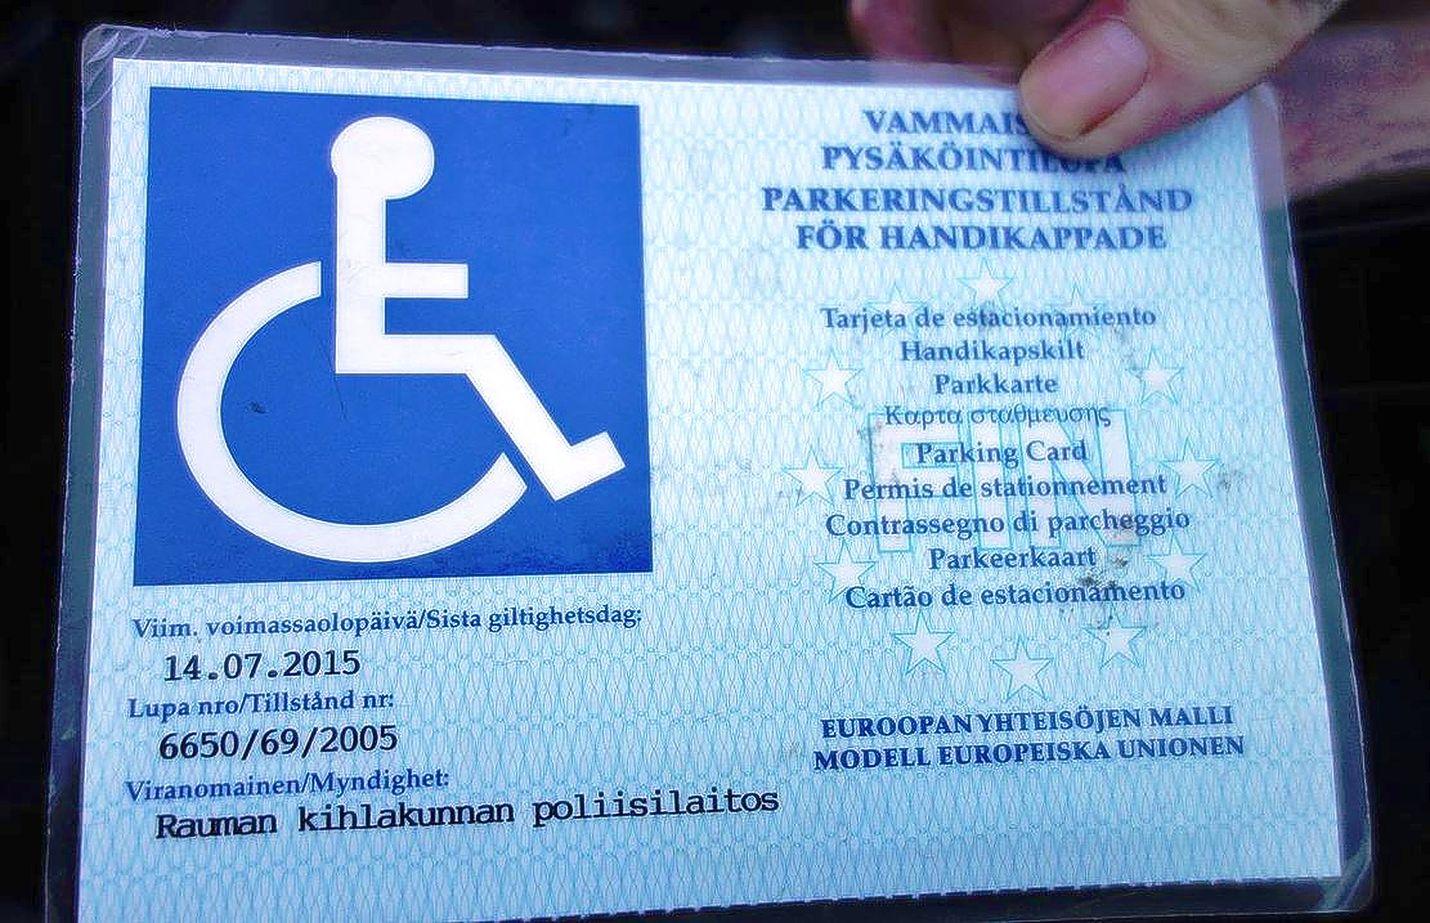 Vammaisen pysäköintilupa asetetaan auton tuulilasin taakse alas niin, että se on helposti nähtävissä. Syytä on myös muistaa, että myönnetty lupa on vielä voimassa.